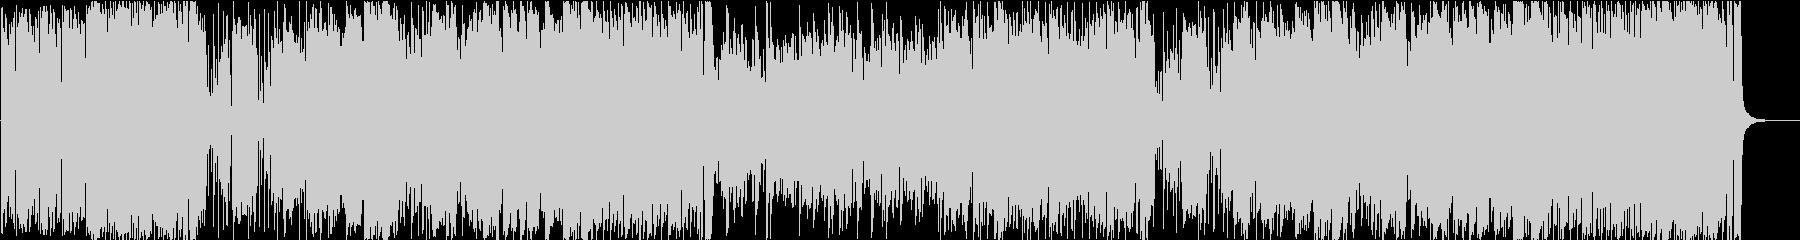 不穏感のある変拍子ジャズ・フュージョンの未再生の波形